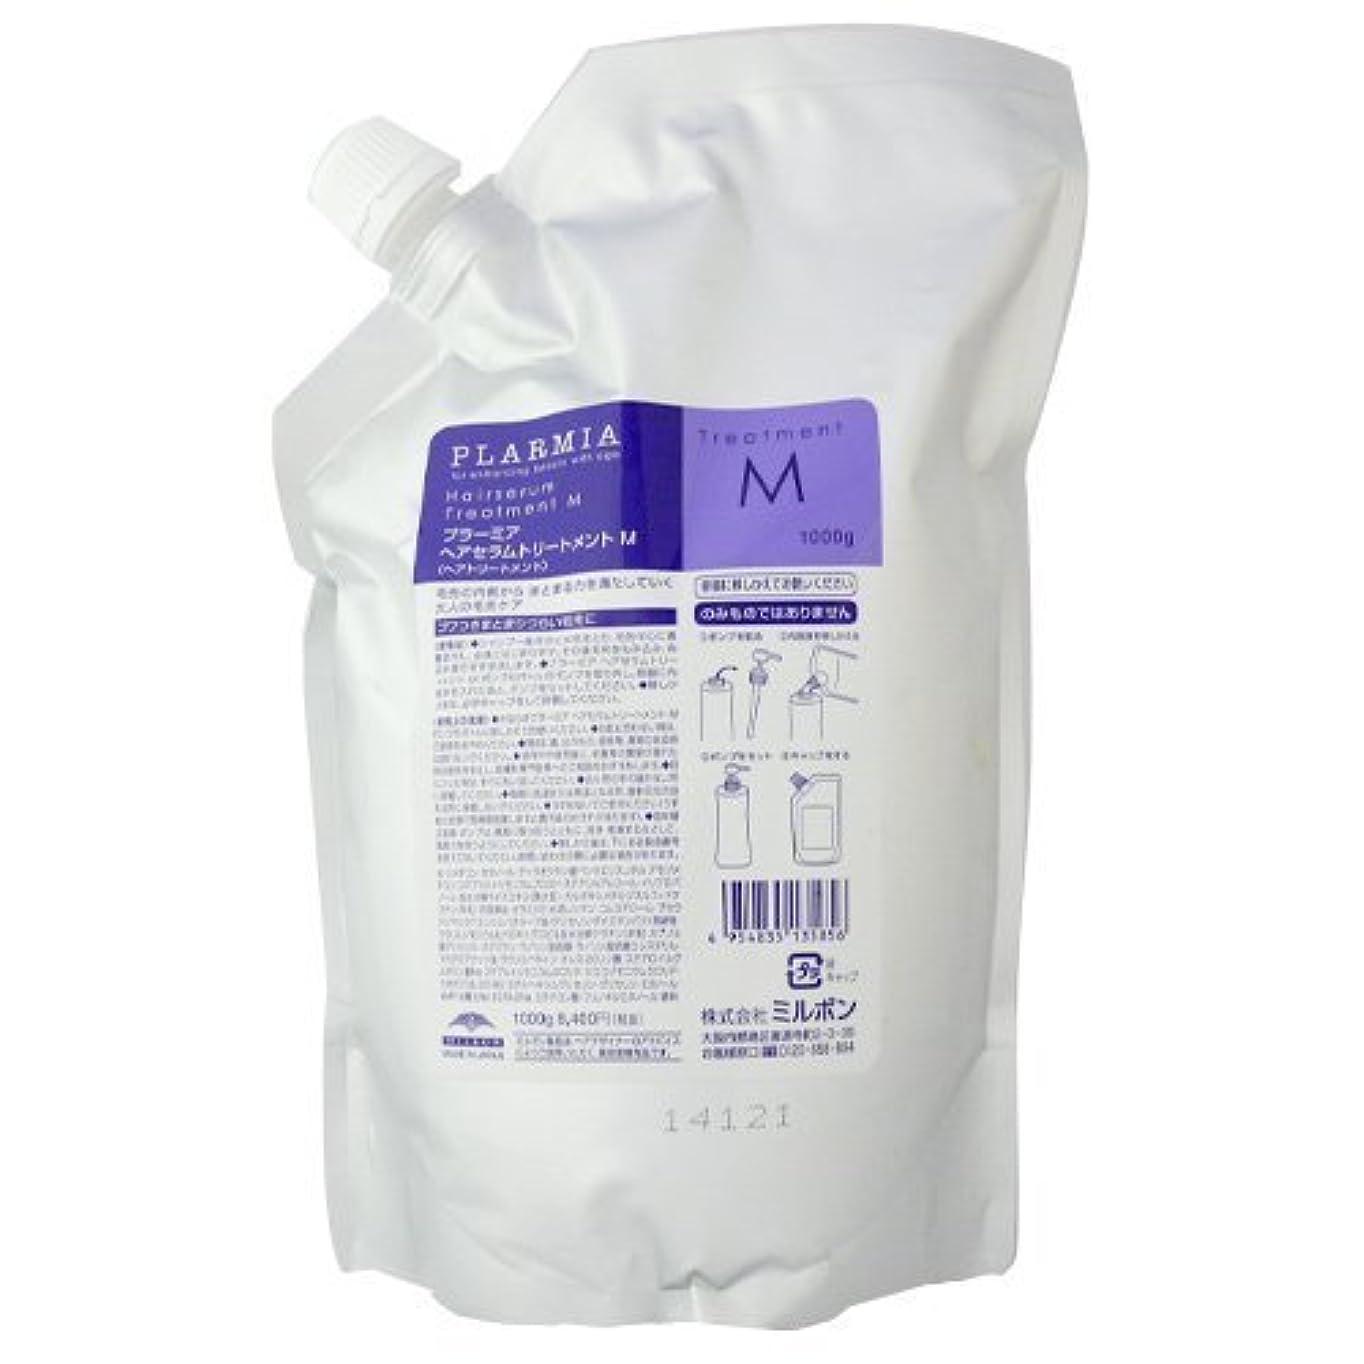 ドナー食用ミットミルボン プラーミア ヘアセラムトリートメントM 1000g(レフィル)